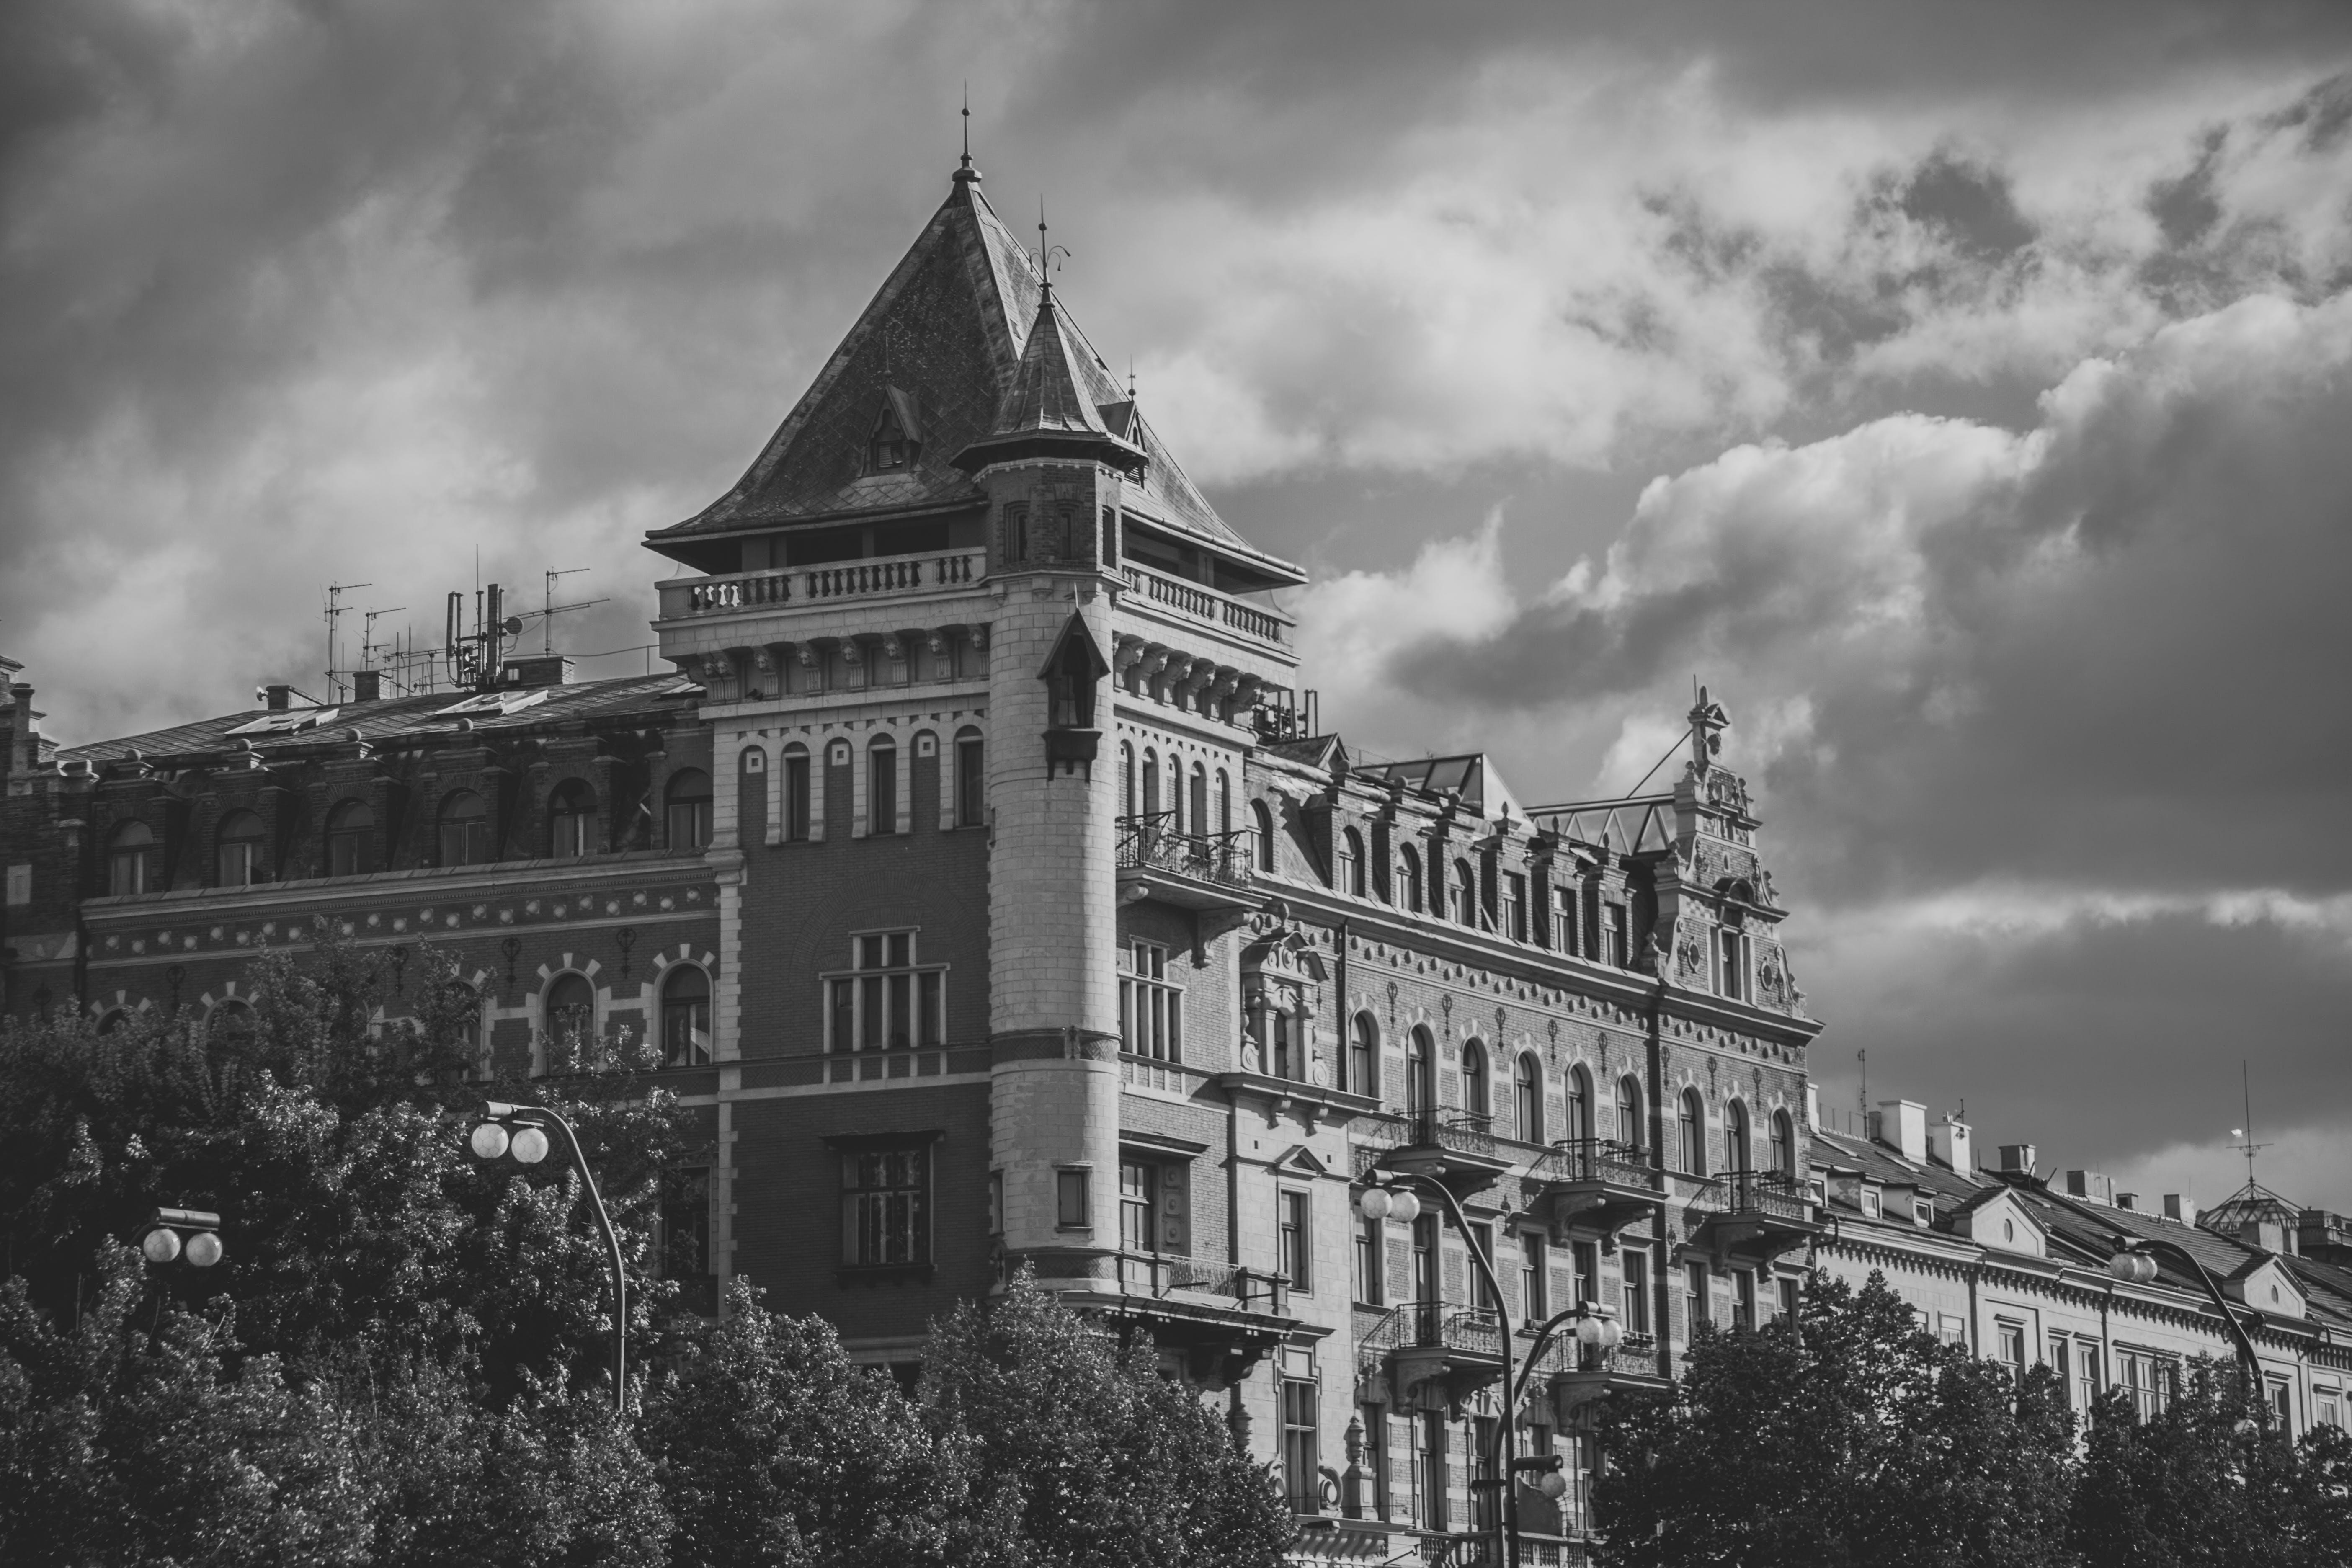 Kostenloses Stock Foto zu architektur, gebäude, schwarz und weiß, wolken